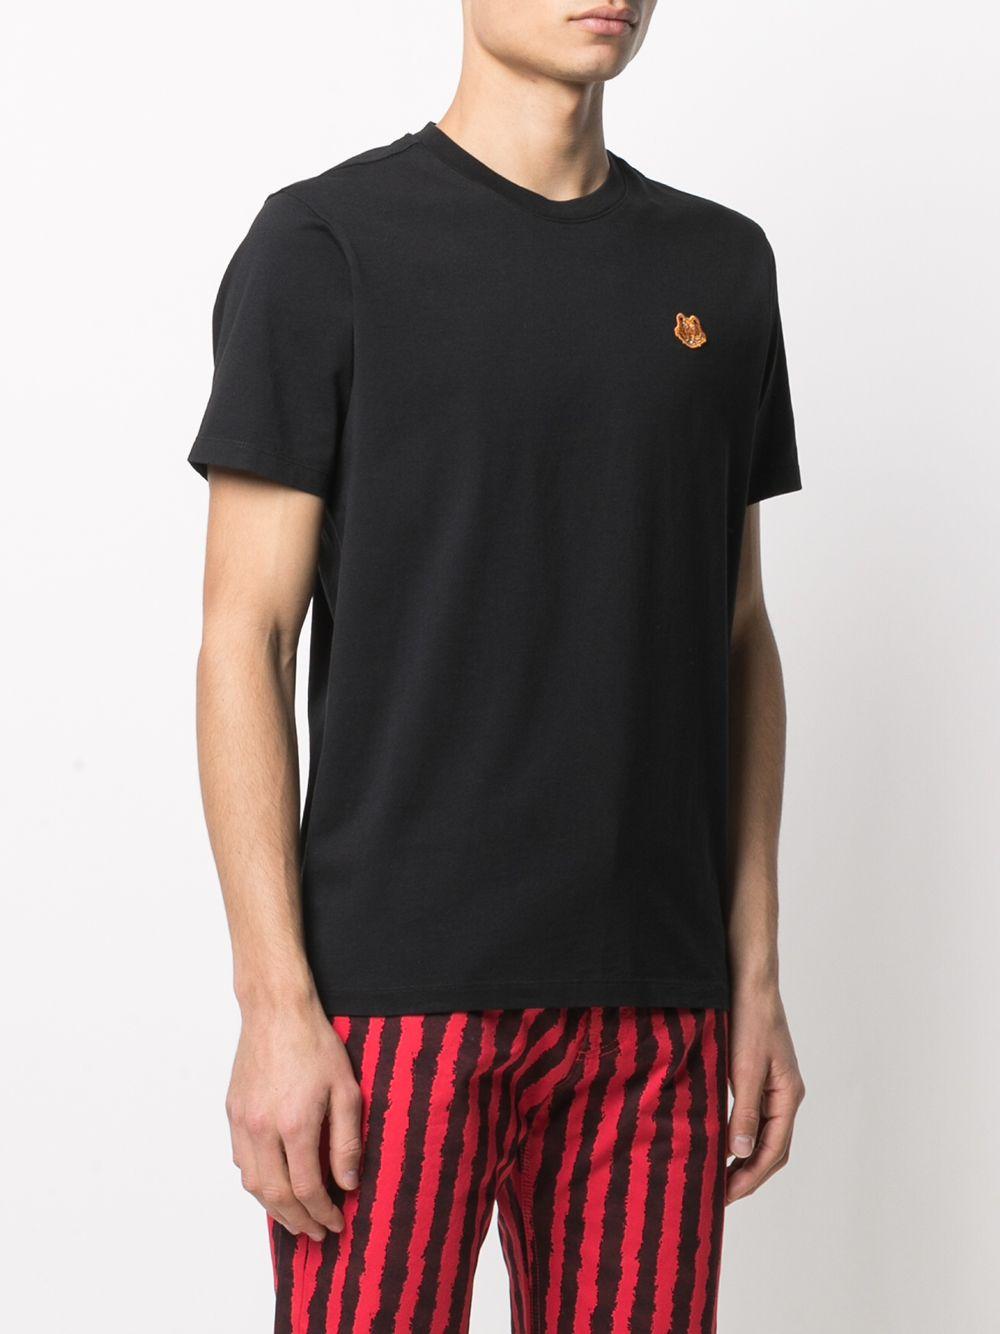 Kenzo t-shirt tiger crest uomo KENZO | T-shirt | FB55TS0034SA99